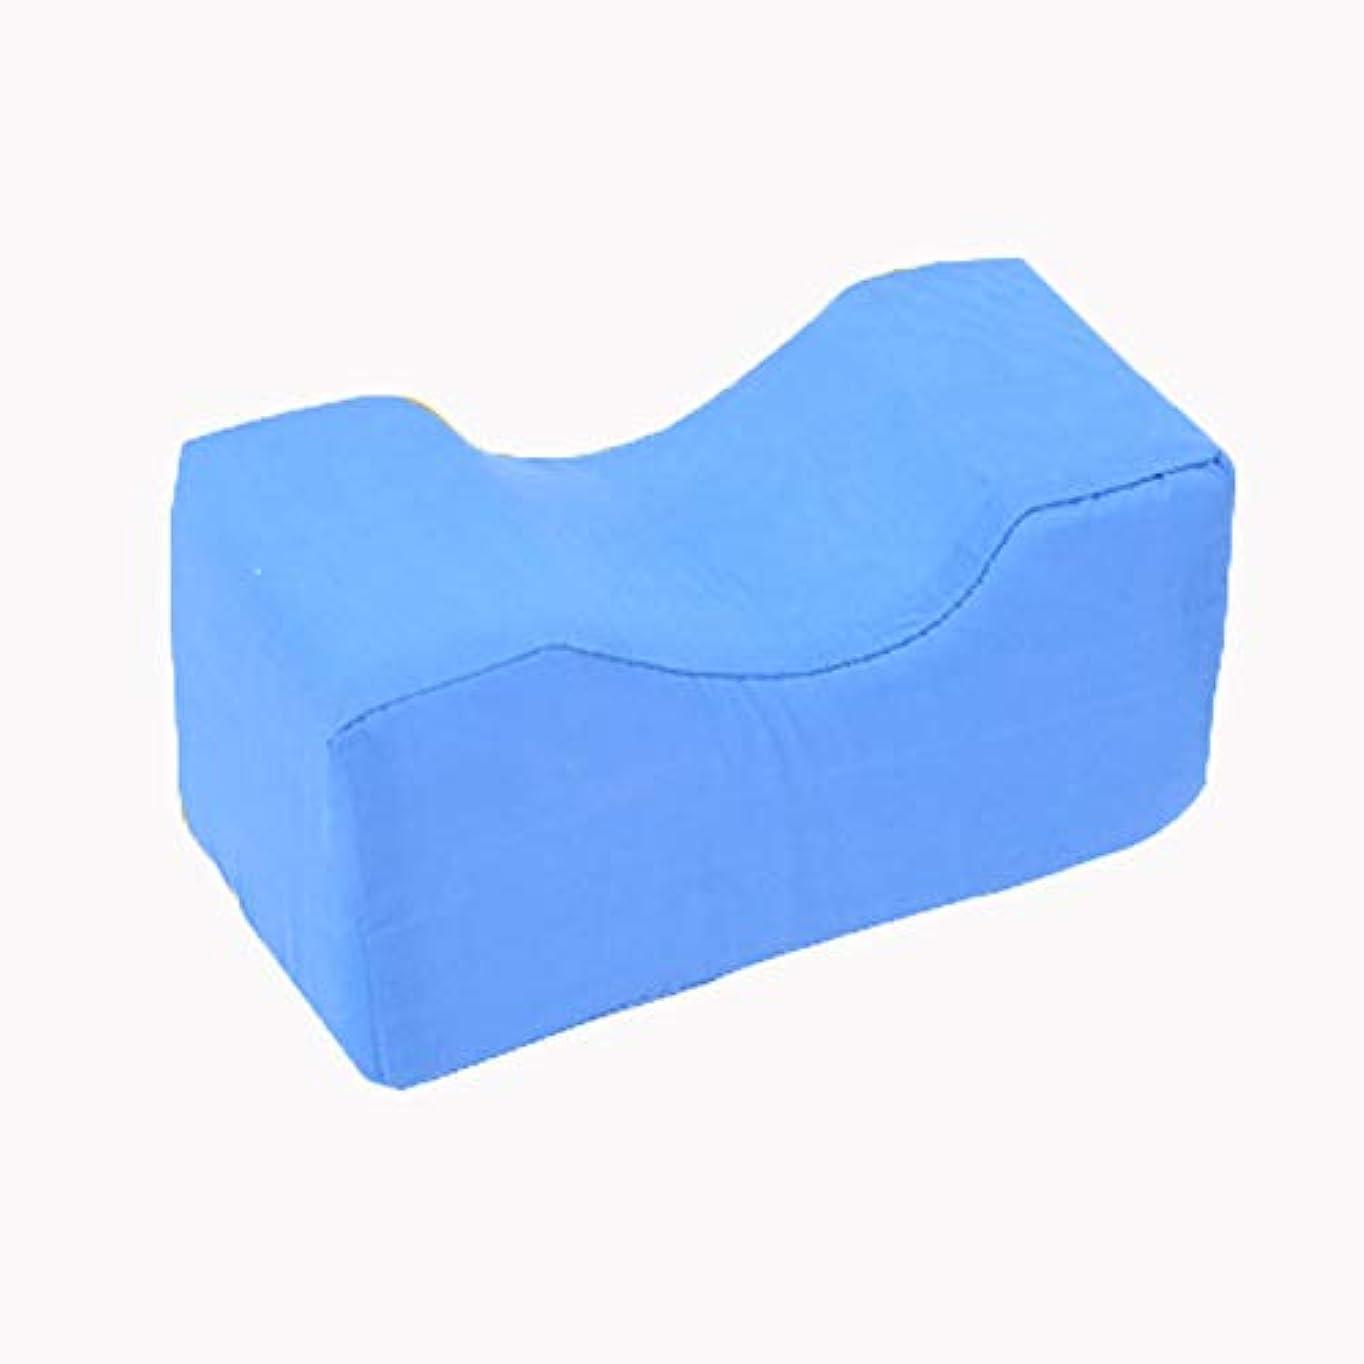 補正吸収剤男らしい泡脚リフトパッド、足首サポート、泡脚を覚えやすい、洗えるふた付き、手術、けが、休息のための枕をサポートし、上げる (ブルー)